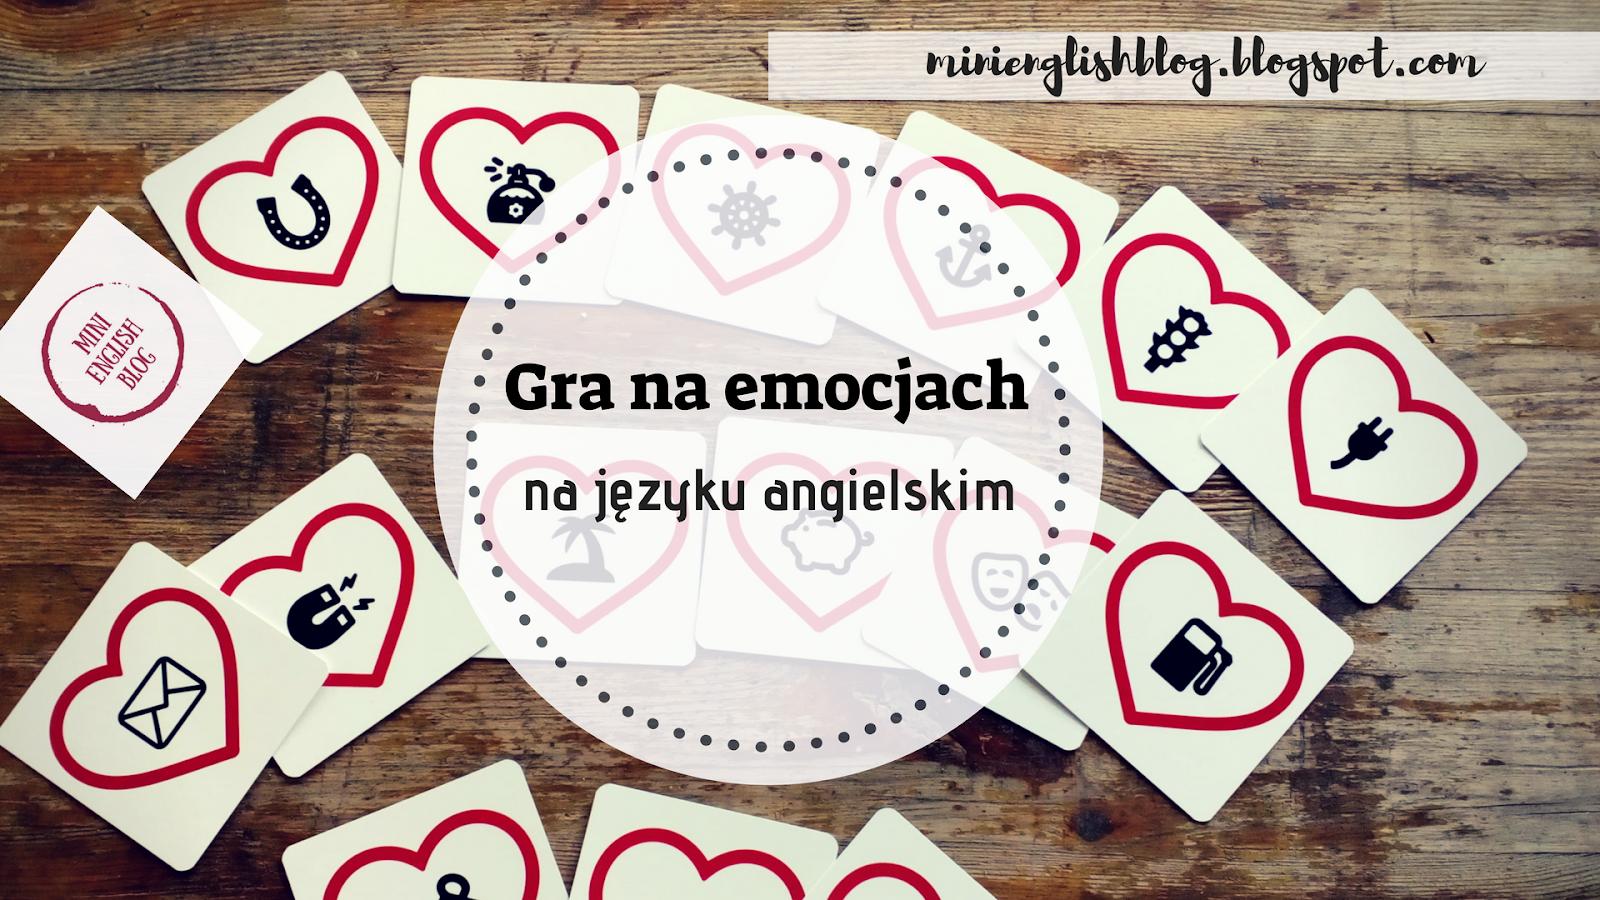 Gra na emocjach na języku angielskim